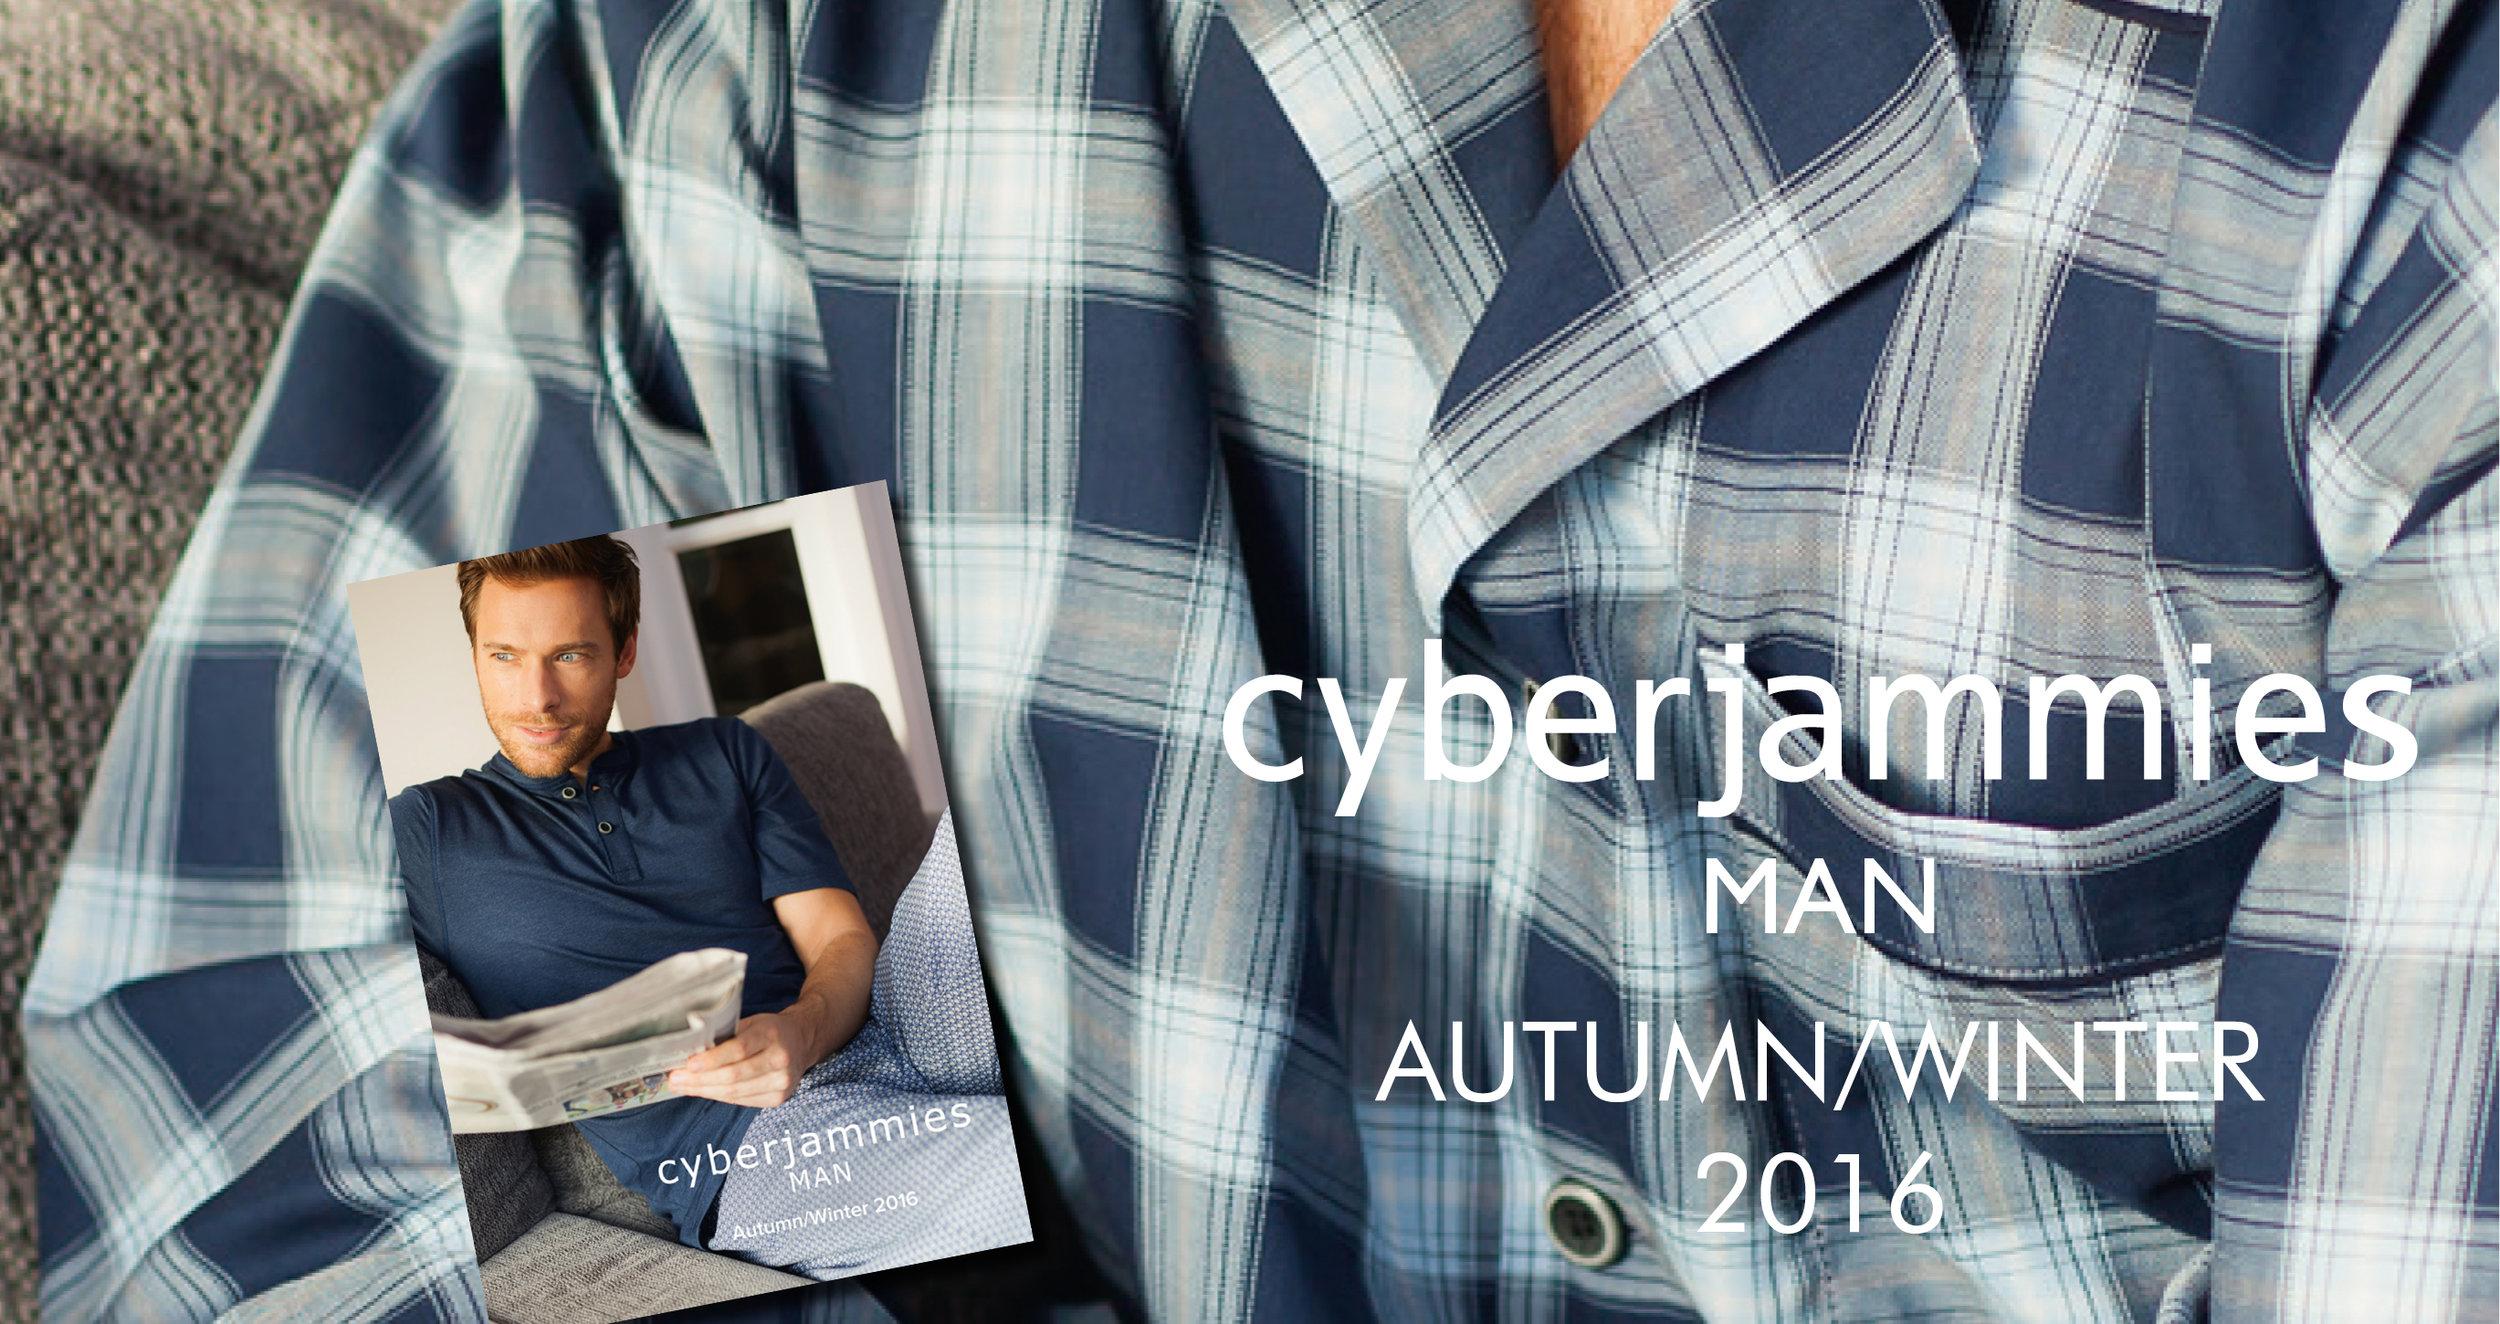 Cyberjammies Large Feb 2016 Web Headers4.jpg